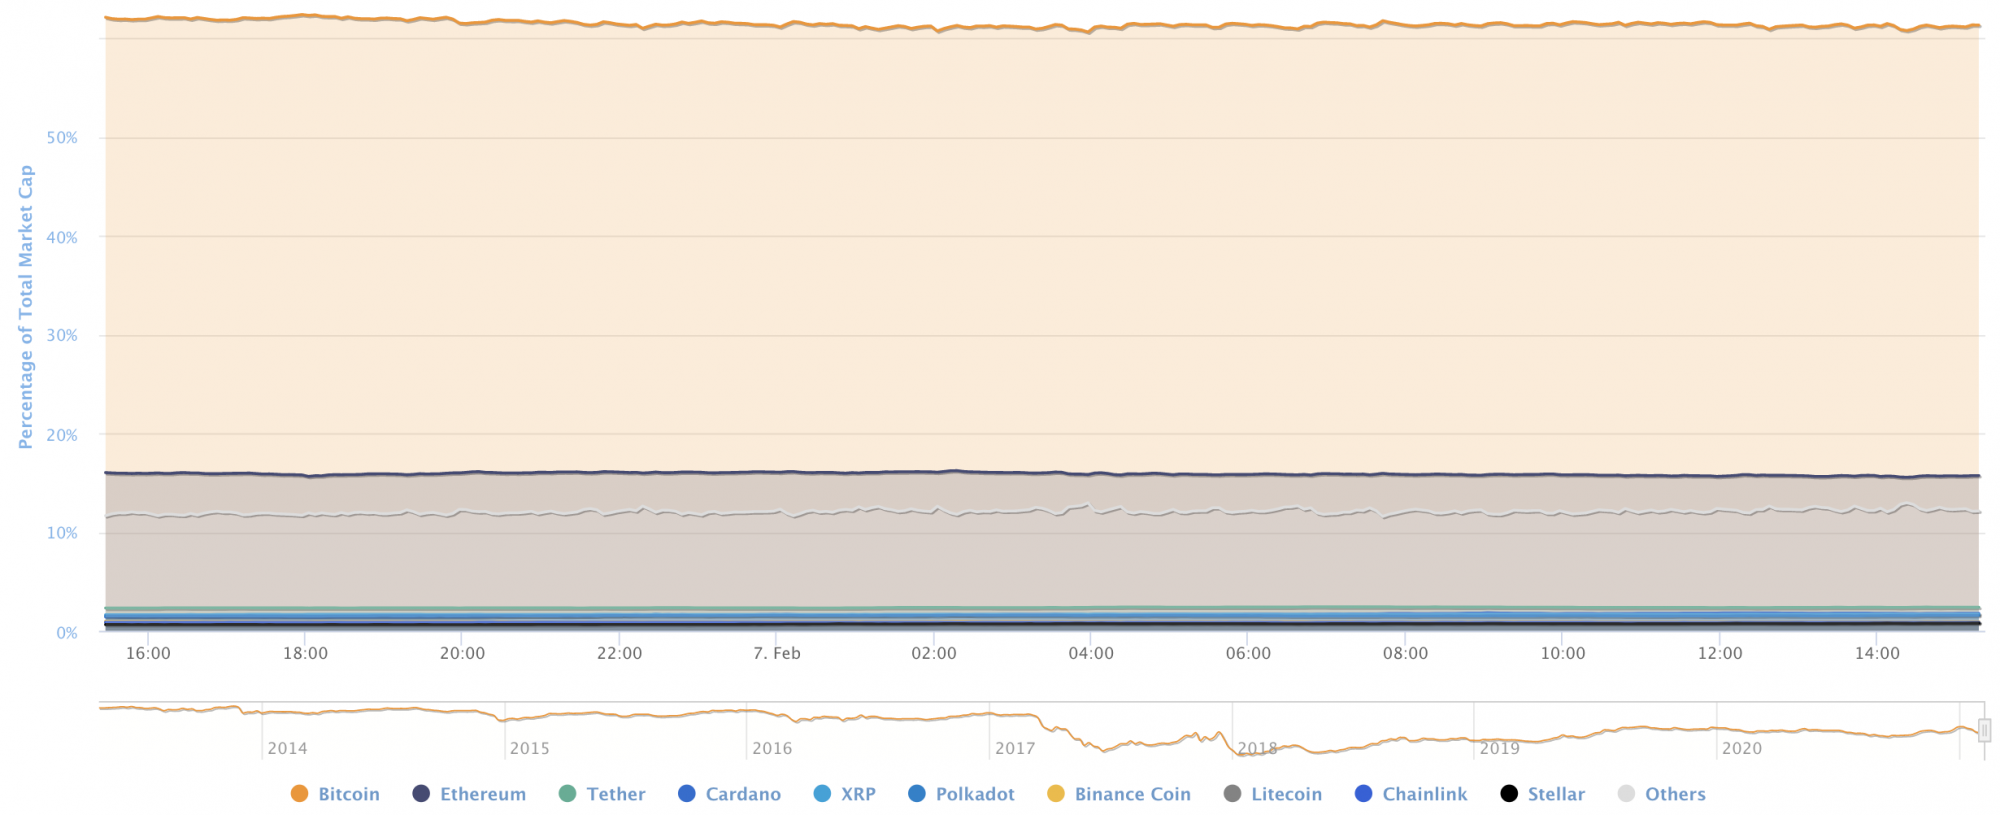 BTC's market share